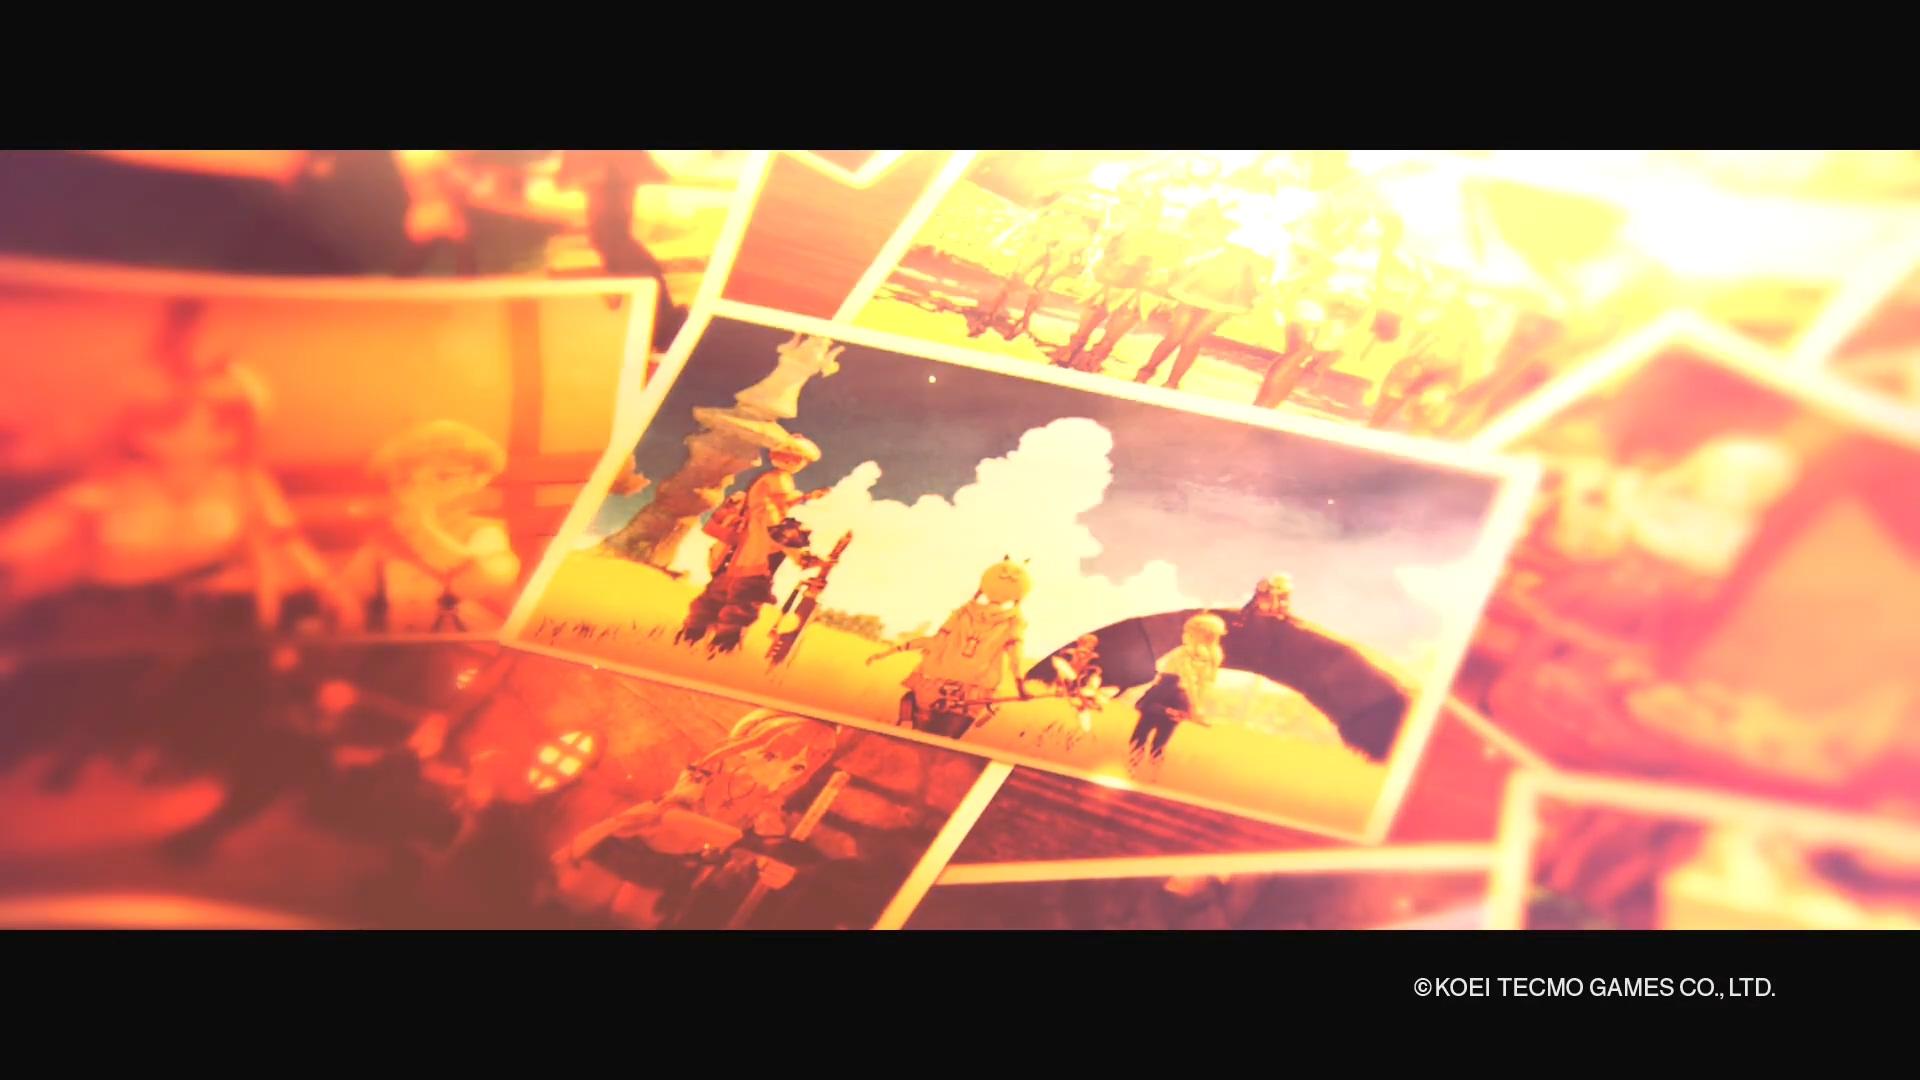 《莱莎的炼金工房2》特别影像公布 解开遗迹之谜